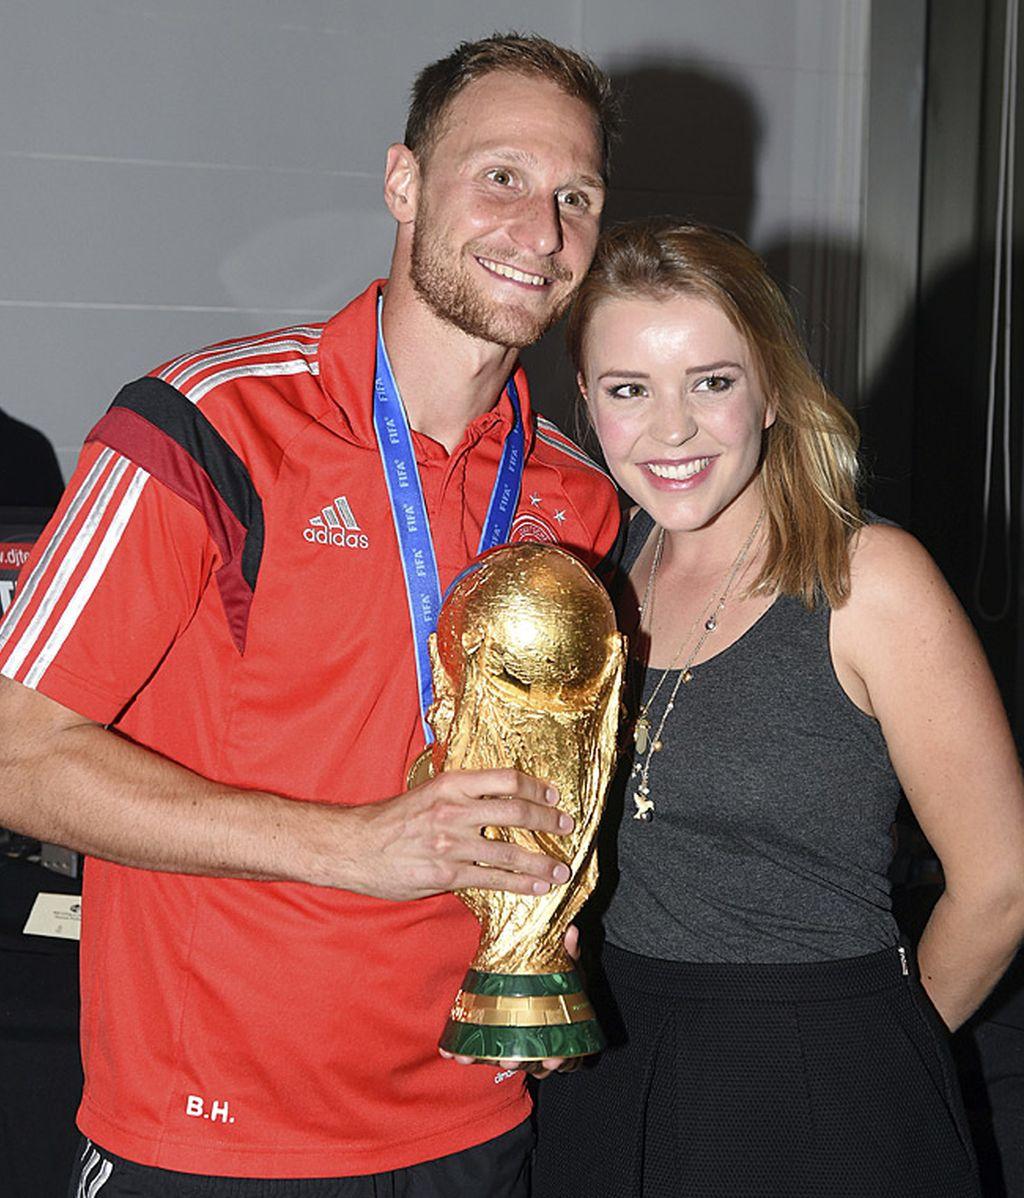 Benedikt Hoewedes y su novia Lisa Wesseler, muy sonrientes en la fiesta